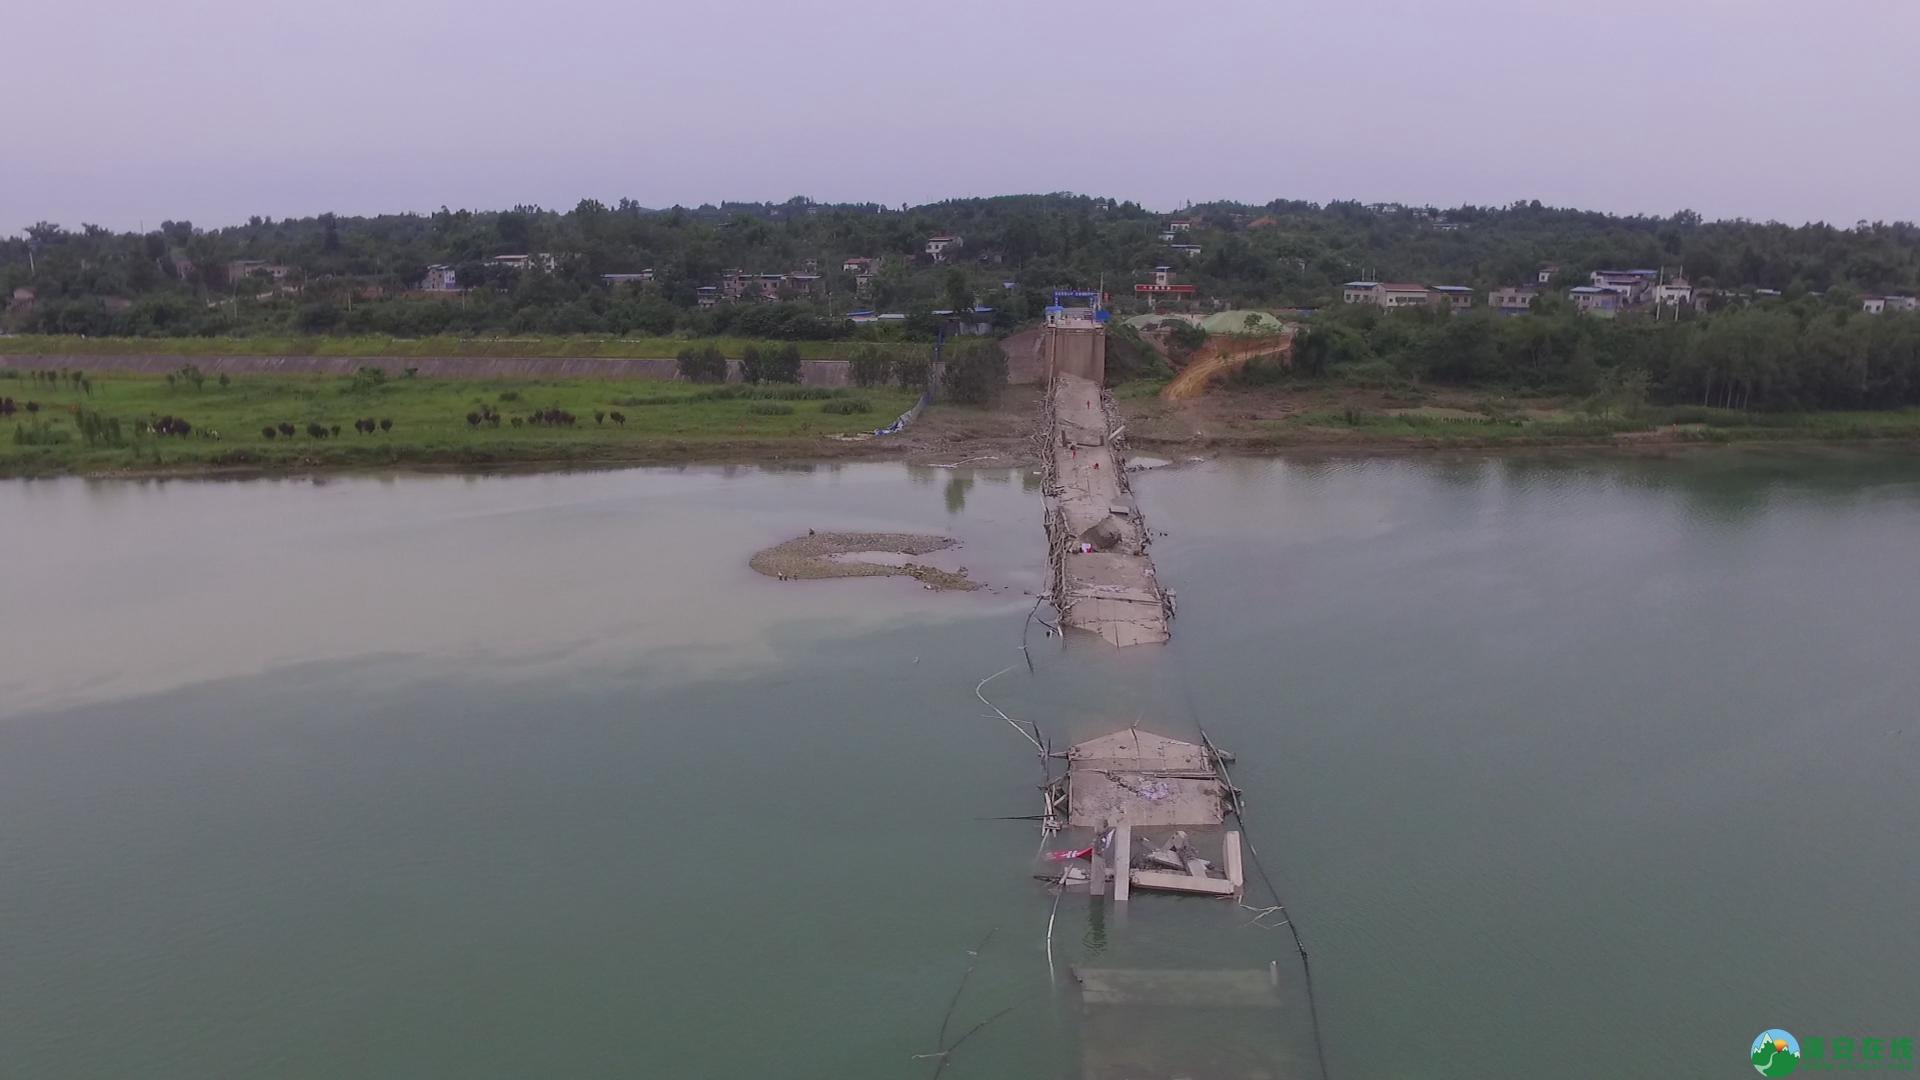 蓬安嘉陵江一桥成功爆破拆除 - 第11张  | 蓬安在线